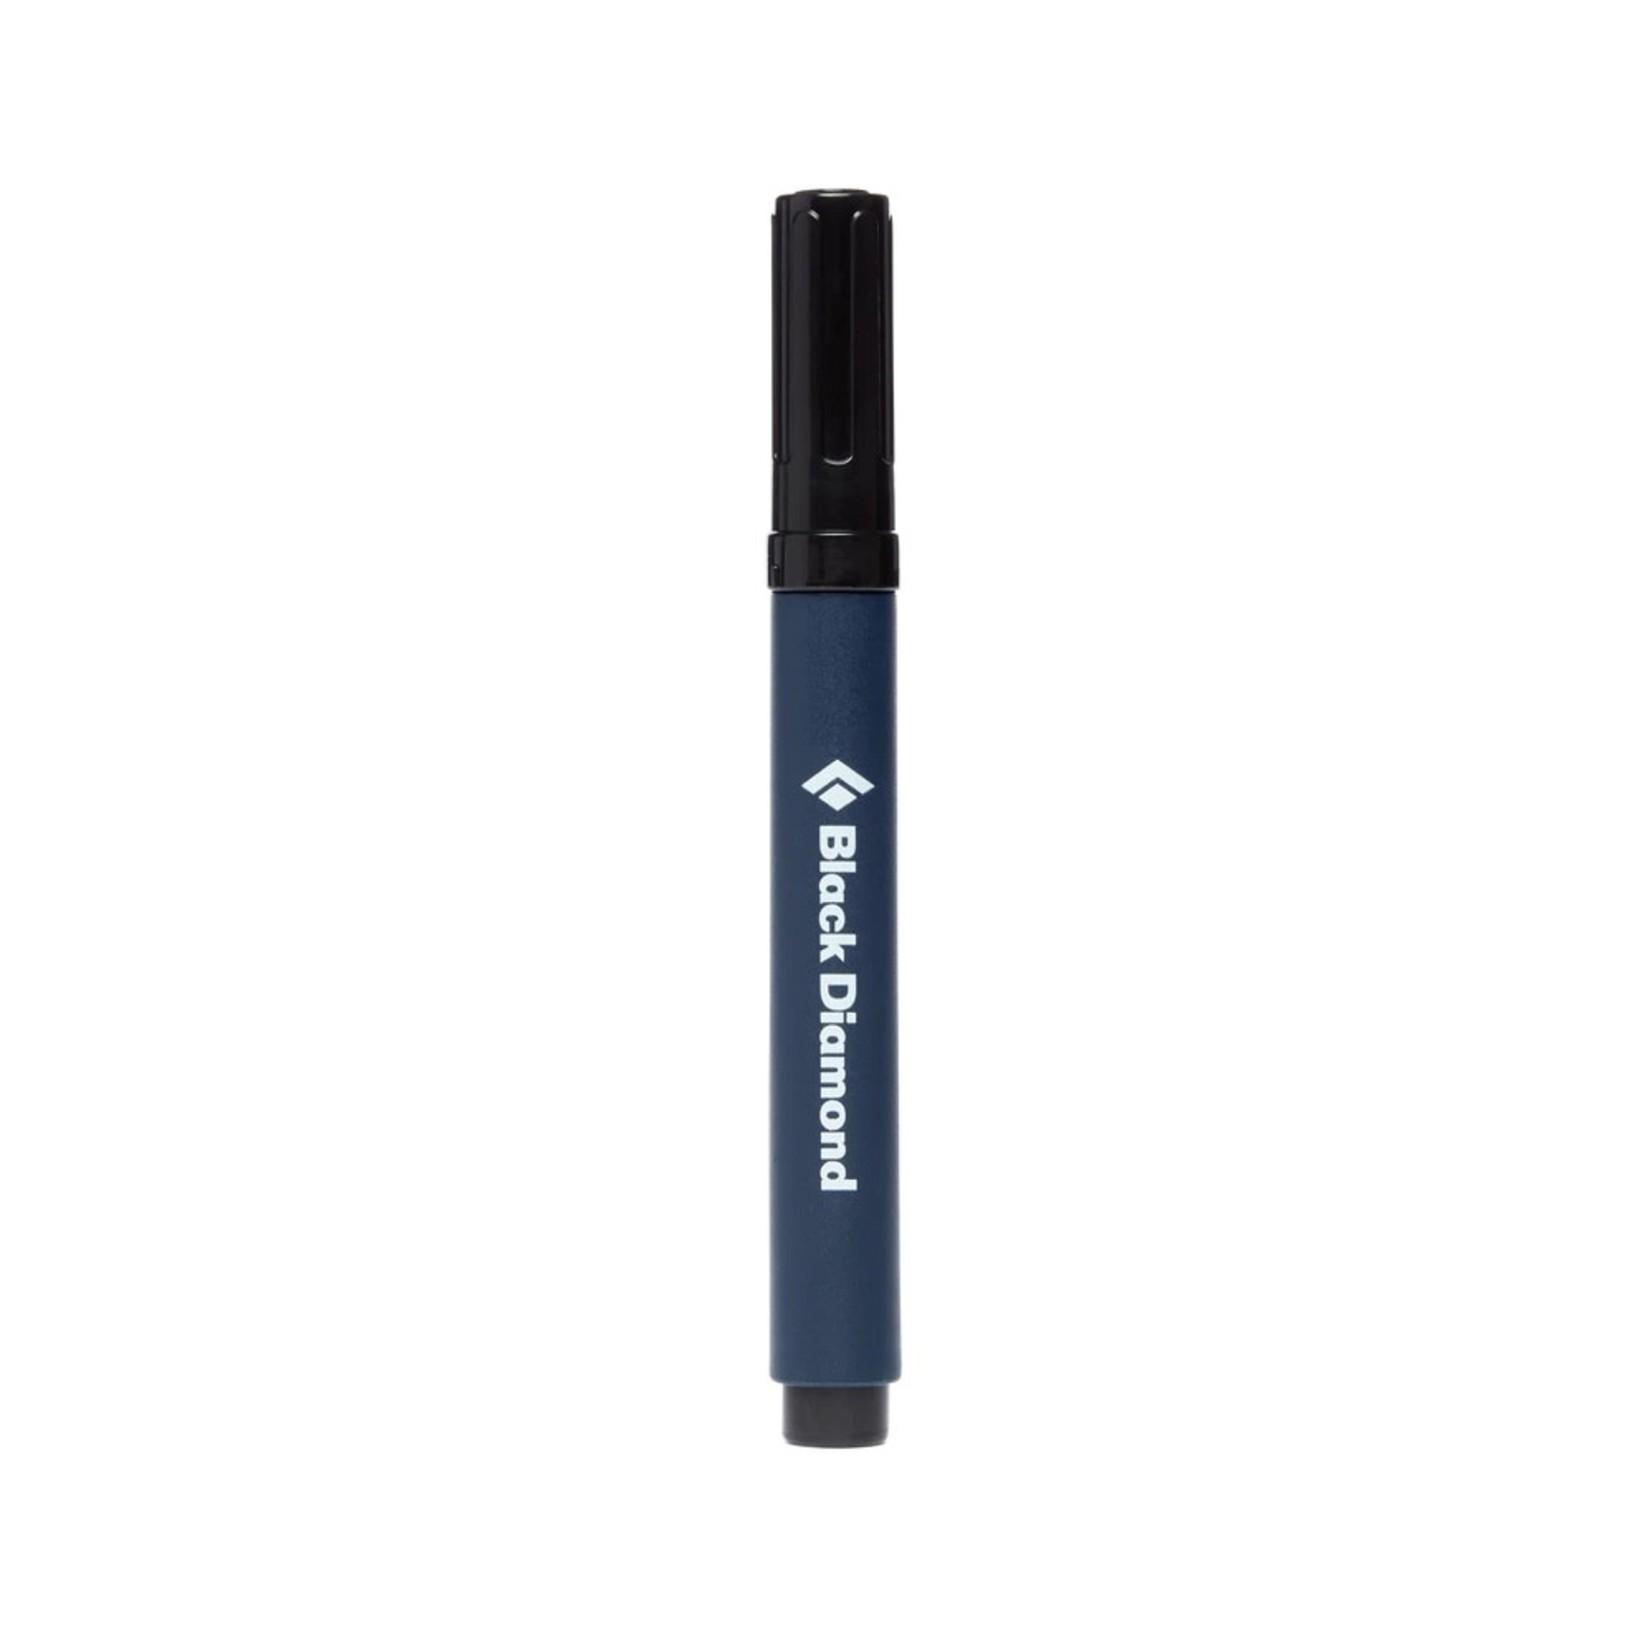 Black Diamond Black Diamond Rope Marker